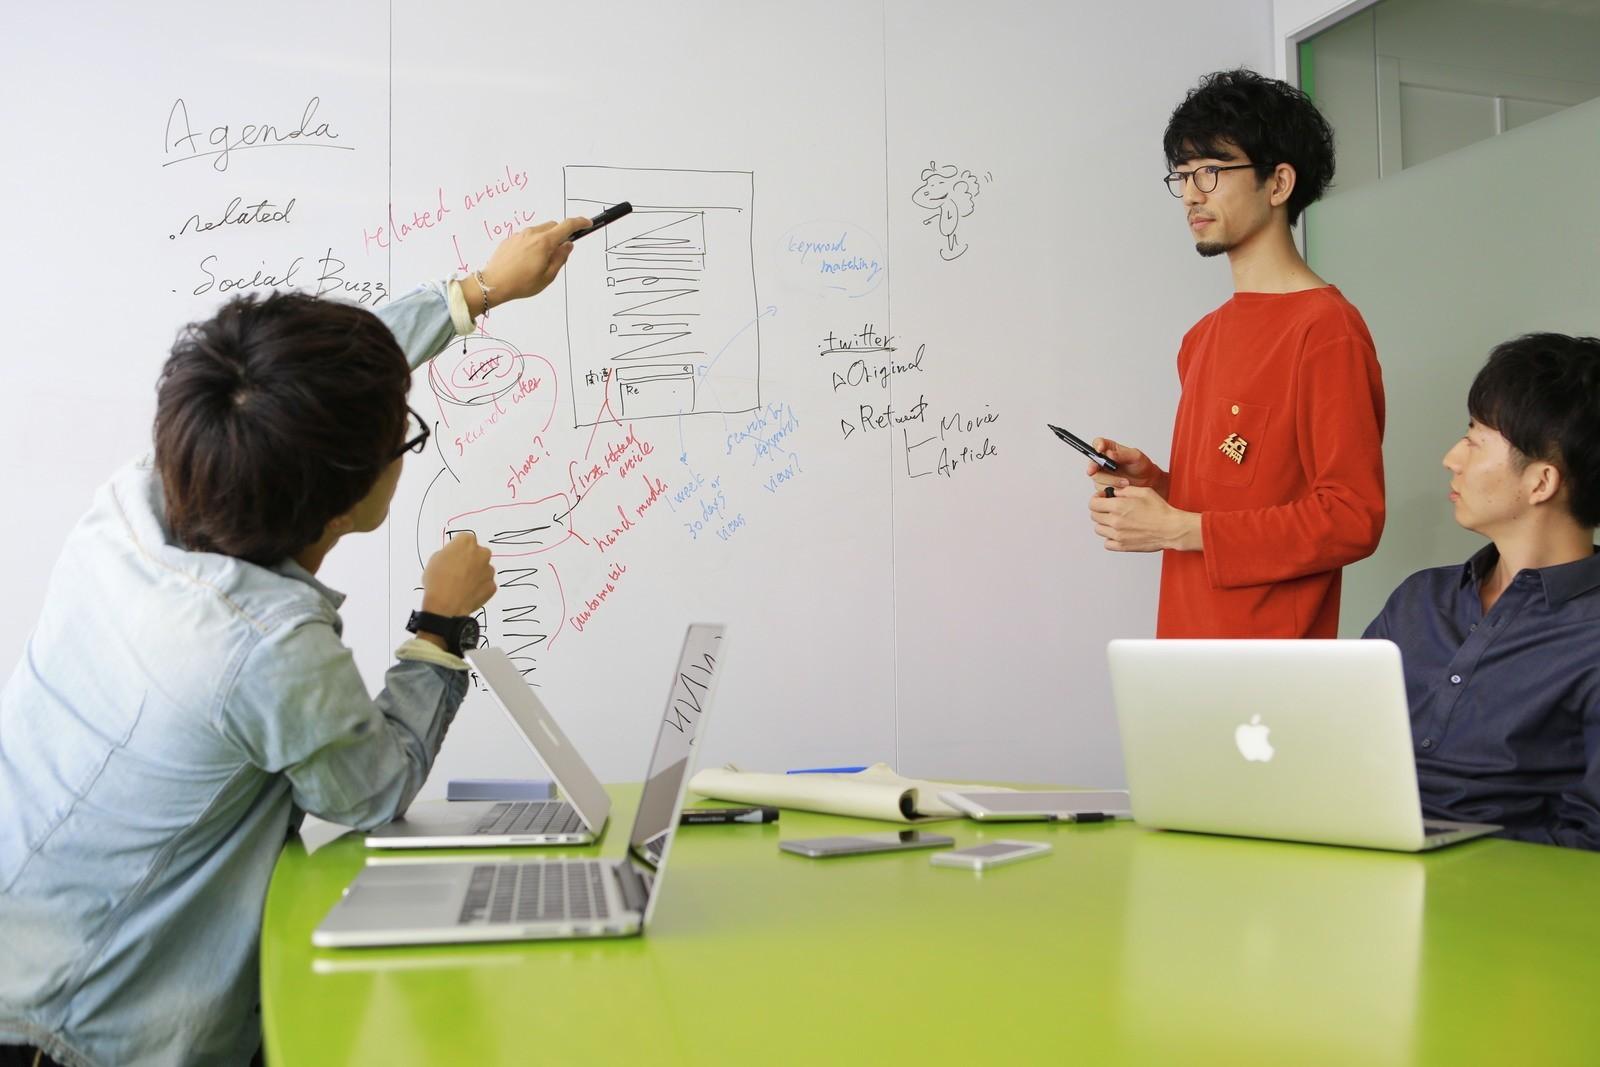 福祉・教育課題を技術で解決するアプリケーションエンジニアを募集!【リーダー候補】